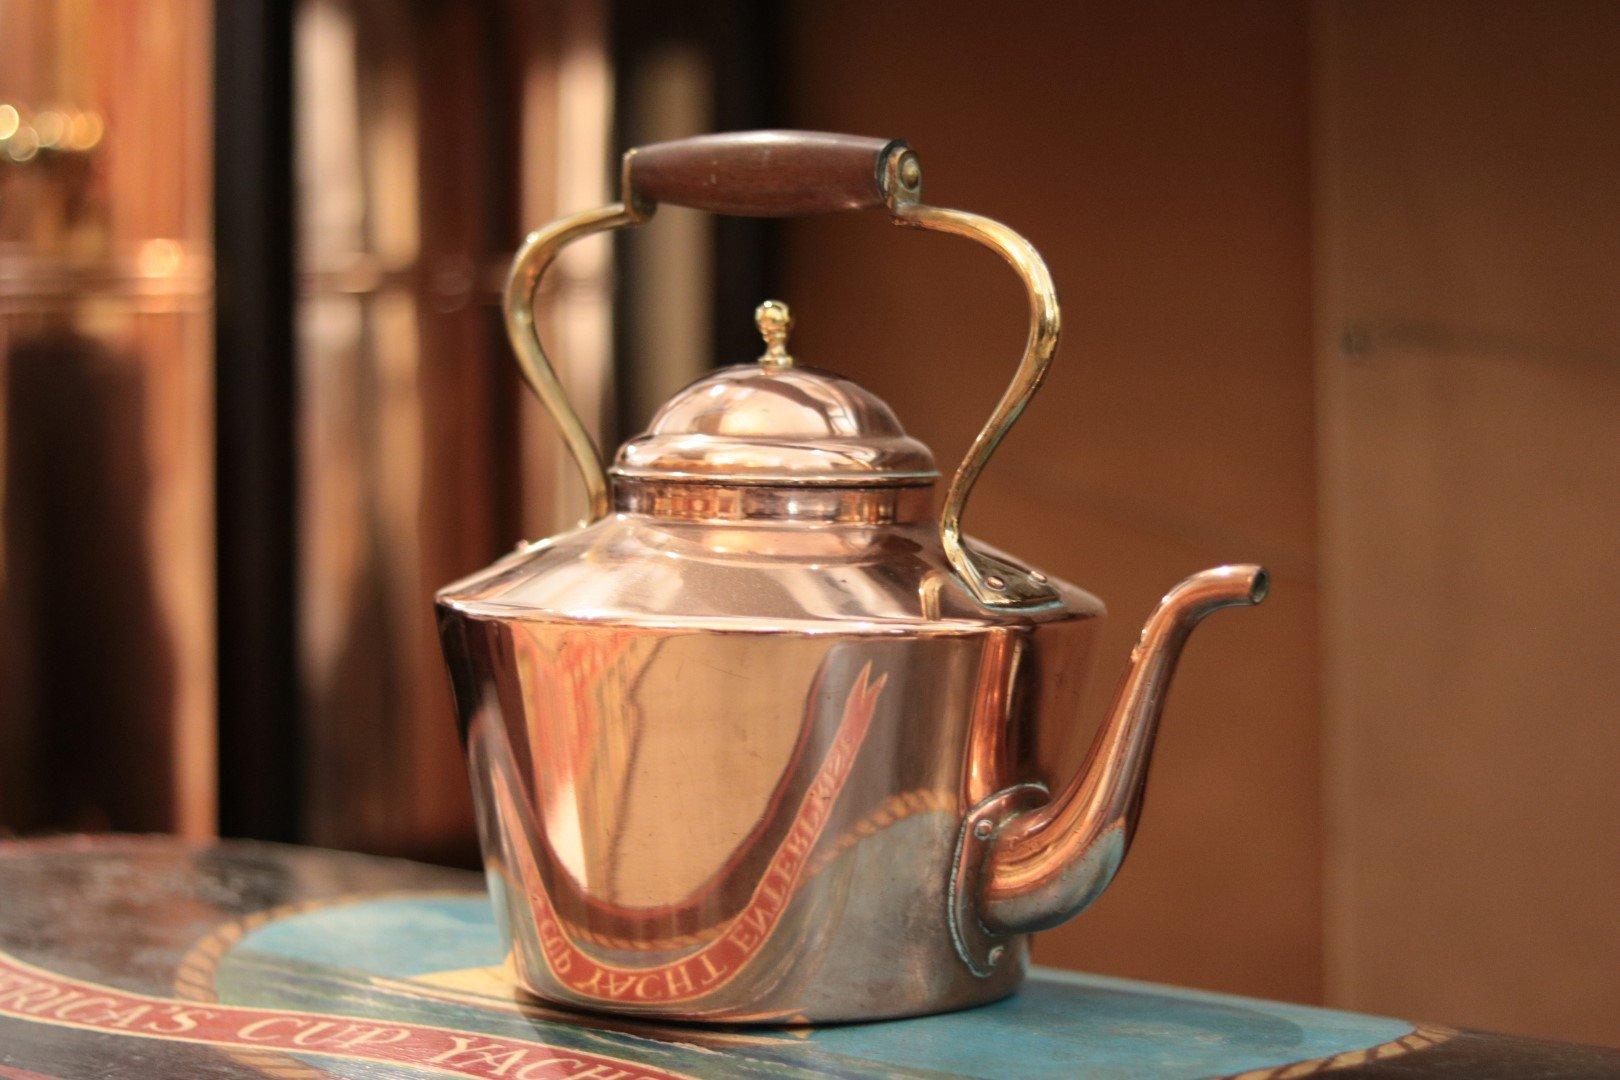 Gratuitous copper pot